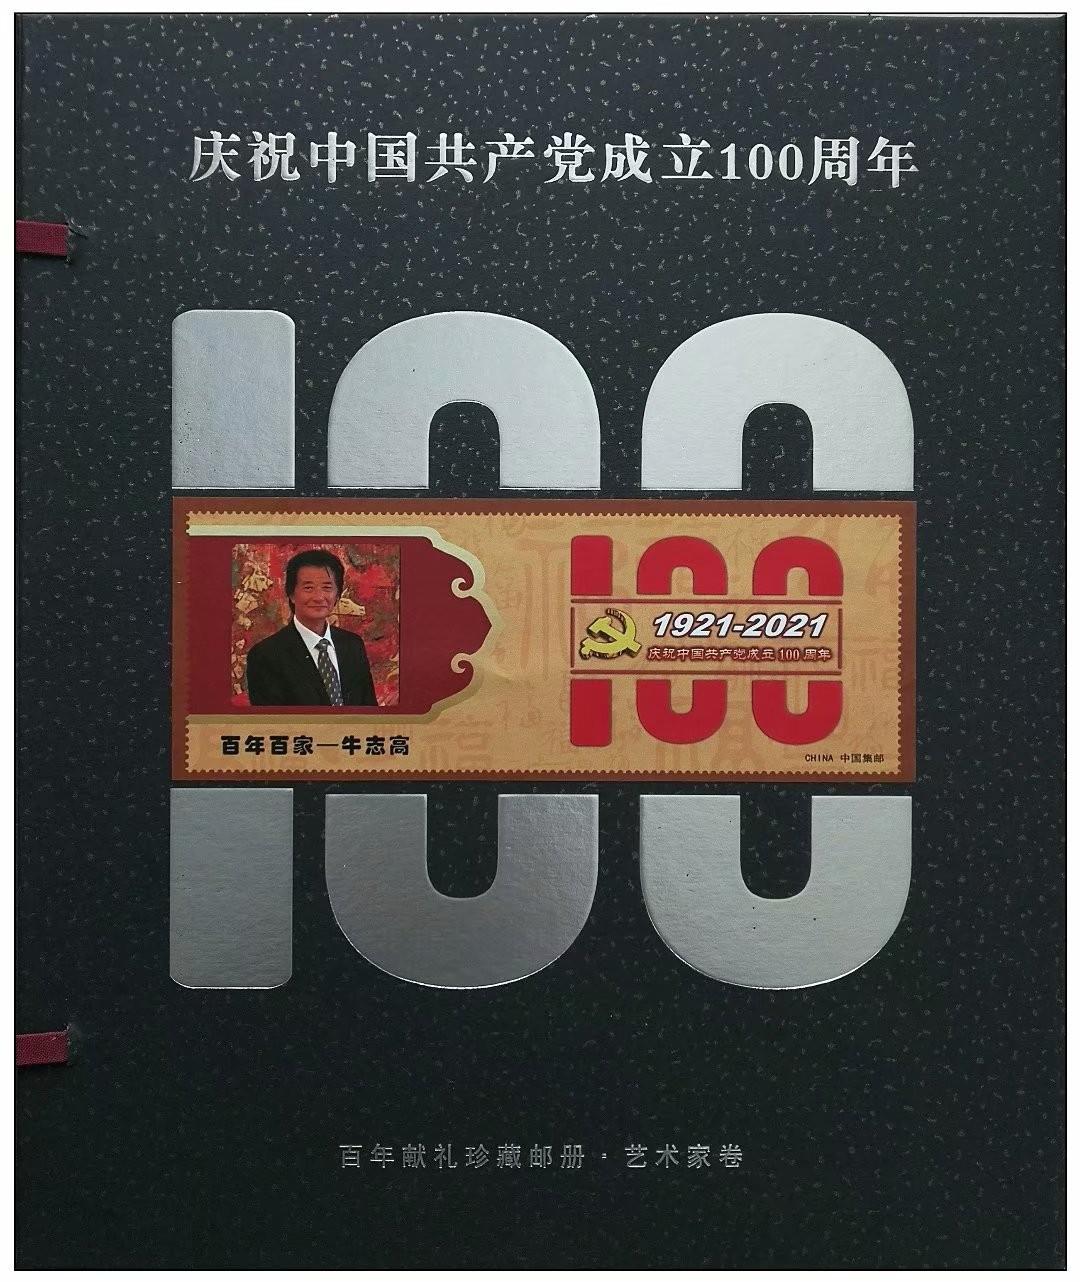 庆祝中国共产党成立100周年---牛志高书画集邮册面世2021.03.15_图1-3